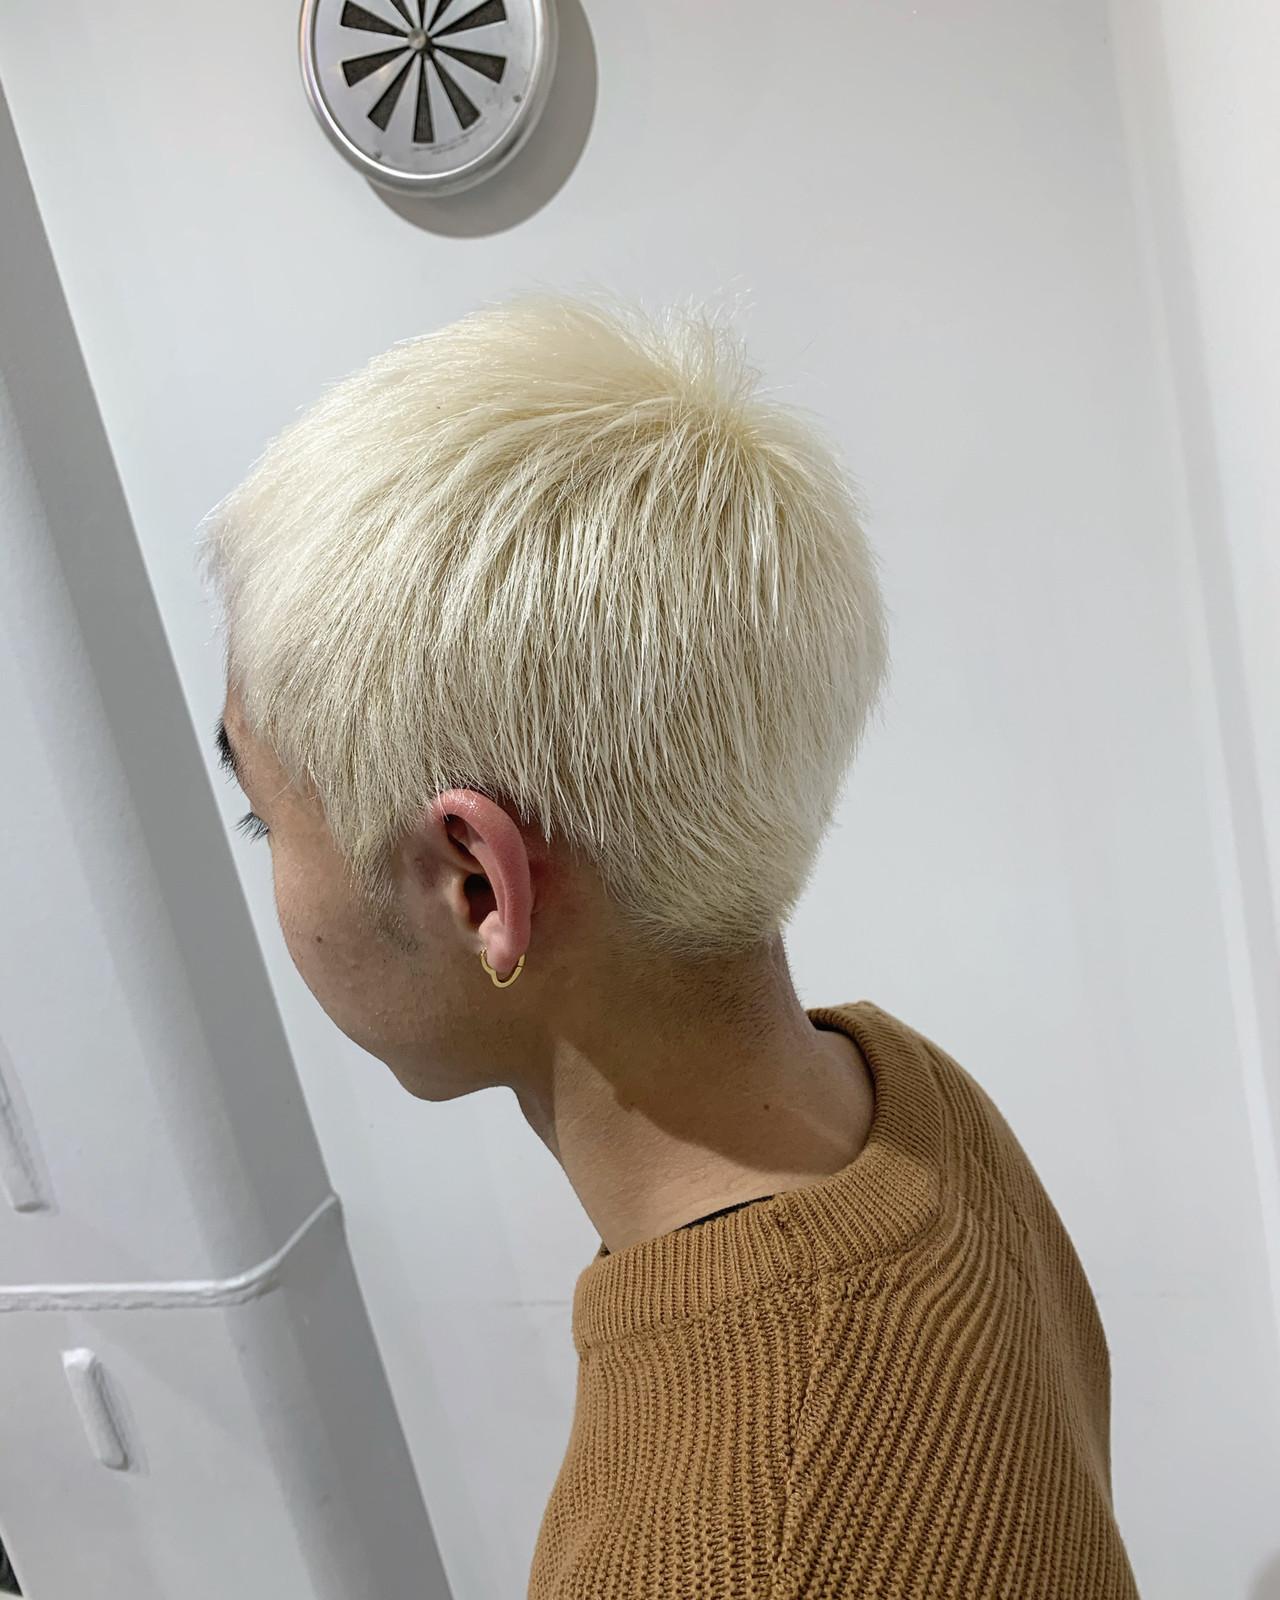 メンズカラー ストリート ホワイトアッシュ ダブルカラー ヘアスタイルや髪型の写真・画像 | ALIVE【阿部 圭悟】 / ALIVE